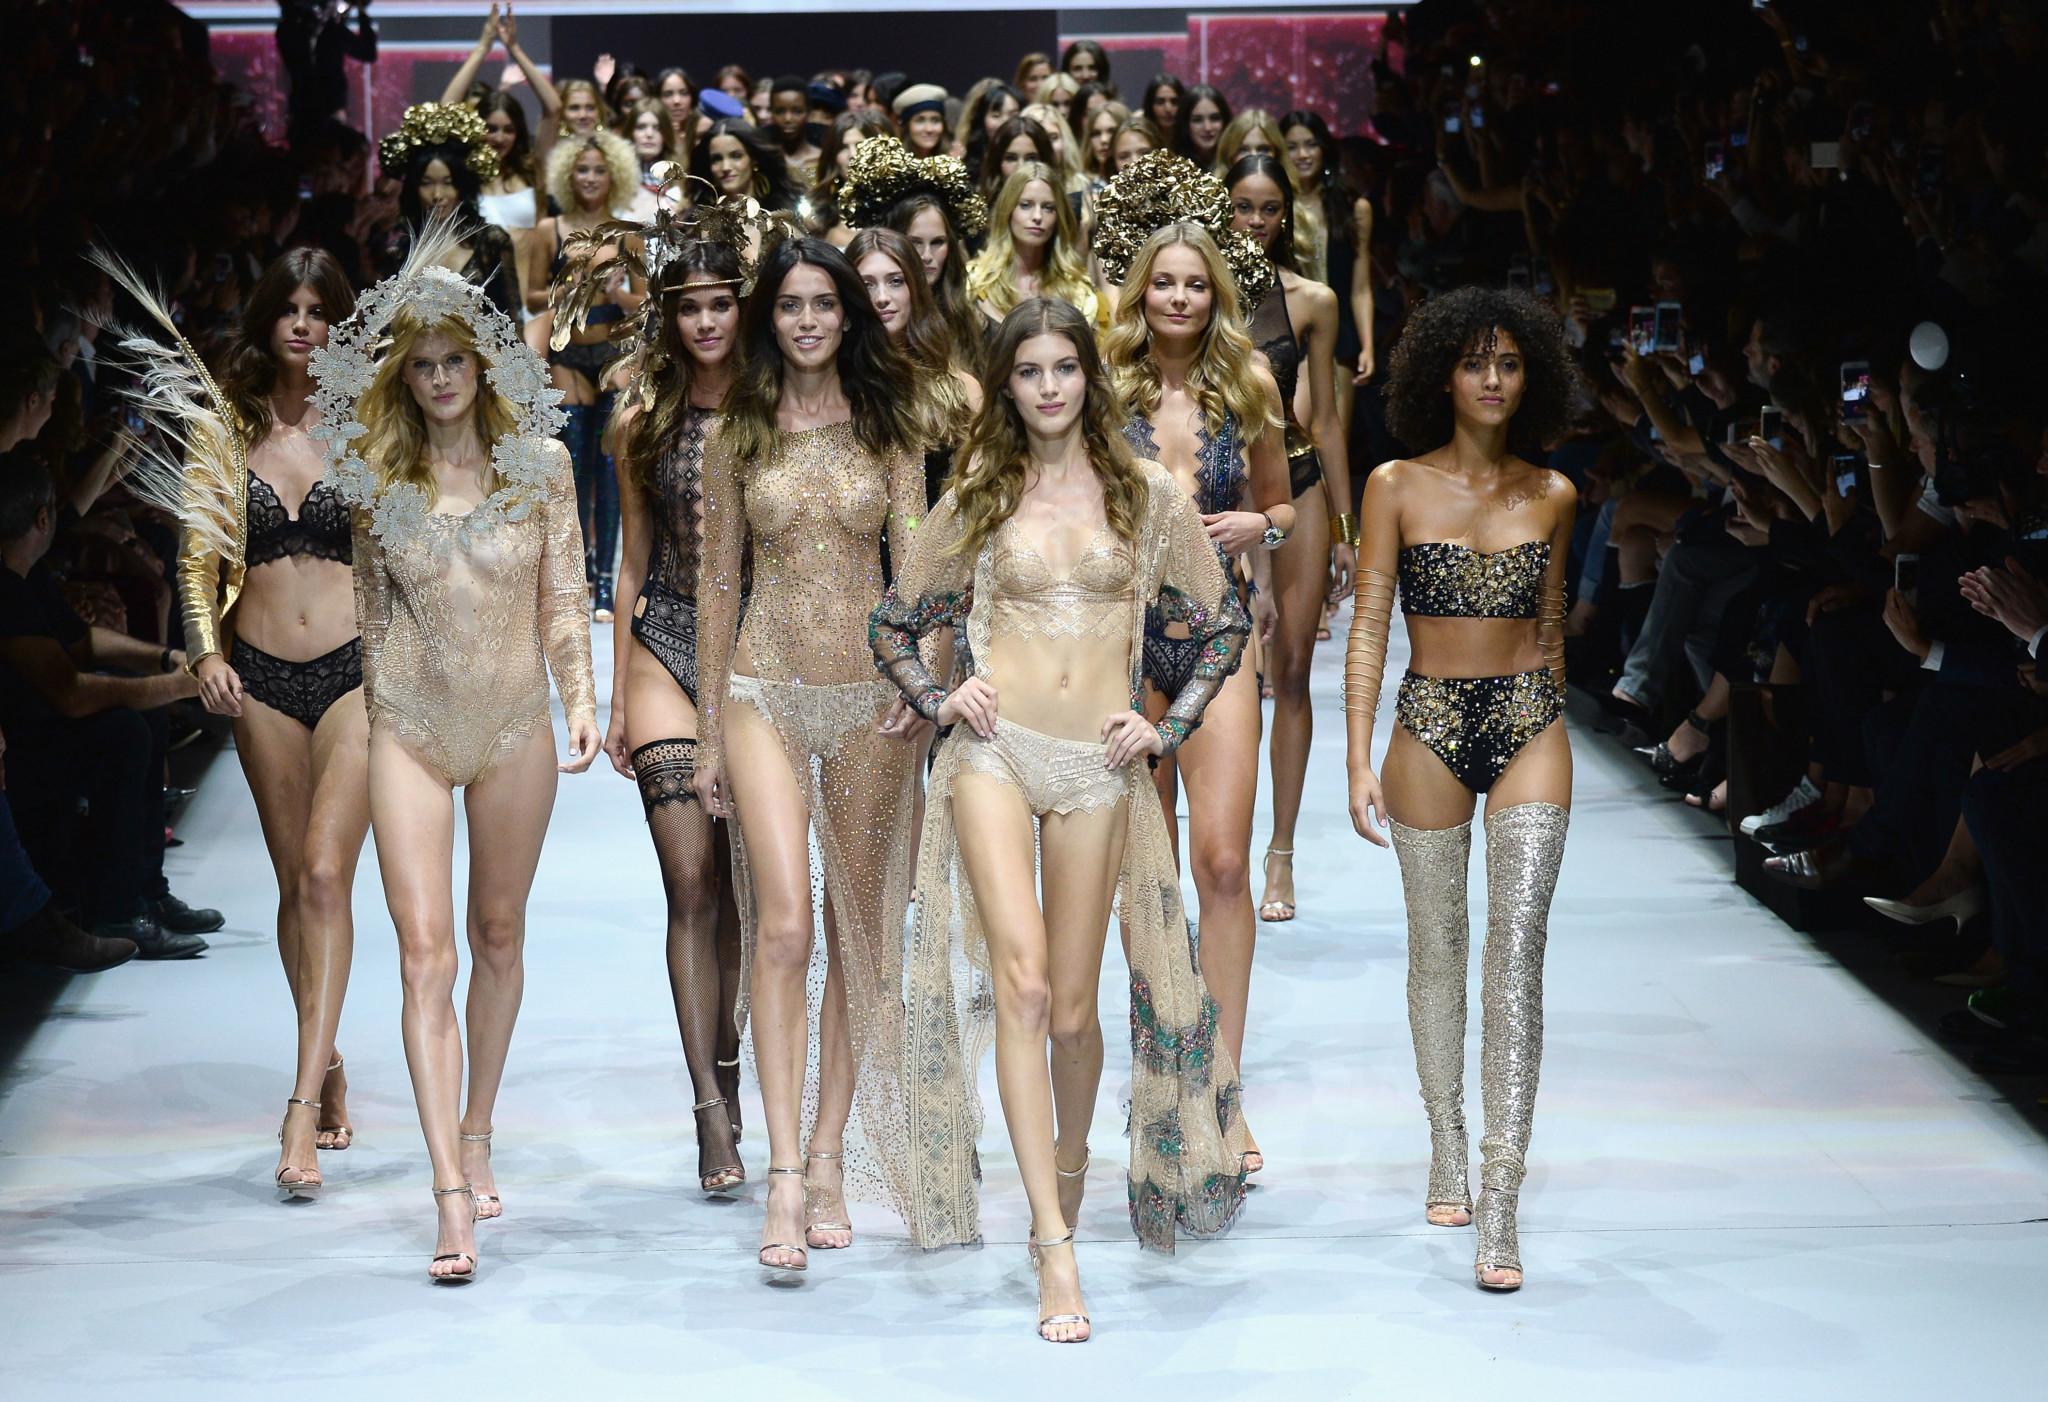 Смотреть эротический показ мод — img 3